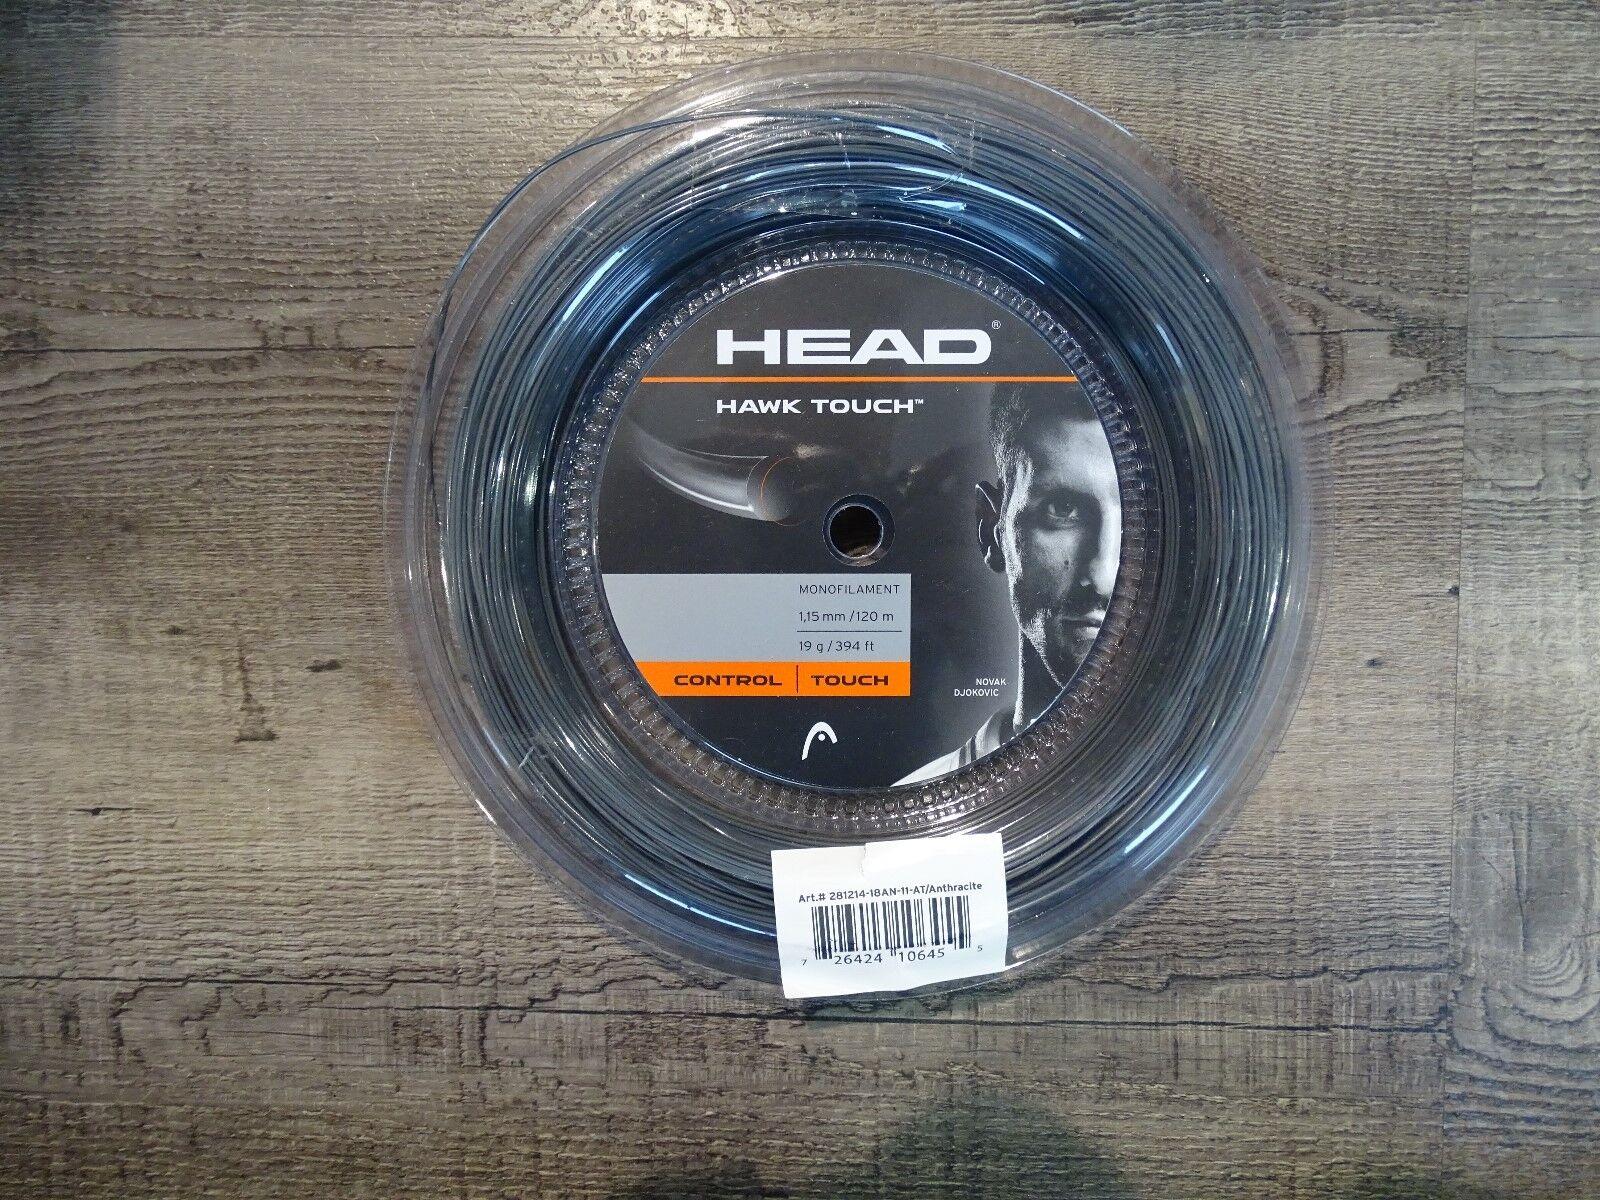 Head GRAVITY HYBRID 1,25 mm 108 m     1,20 mm 92 m  | Feinbearbeitung  | Moderne und elegante Mode  | Sonderangebot  b3a824